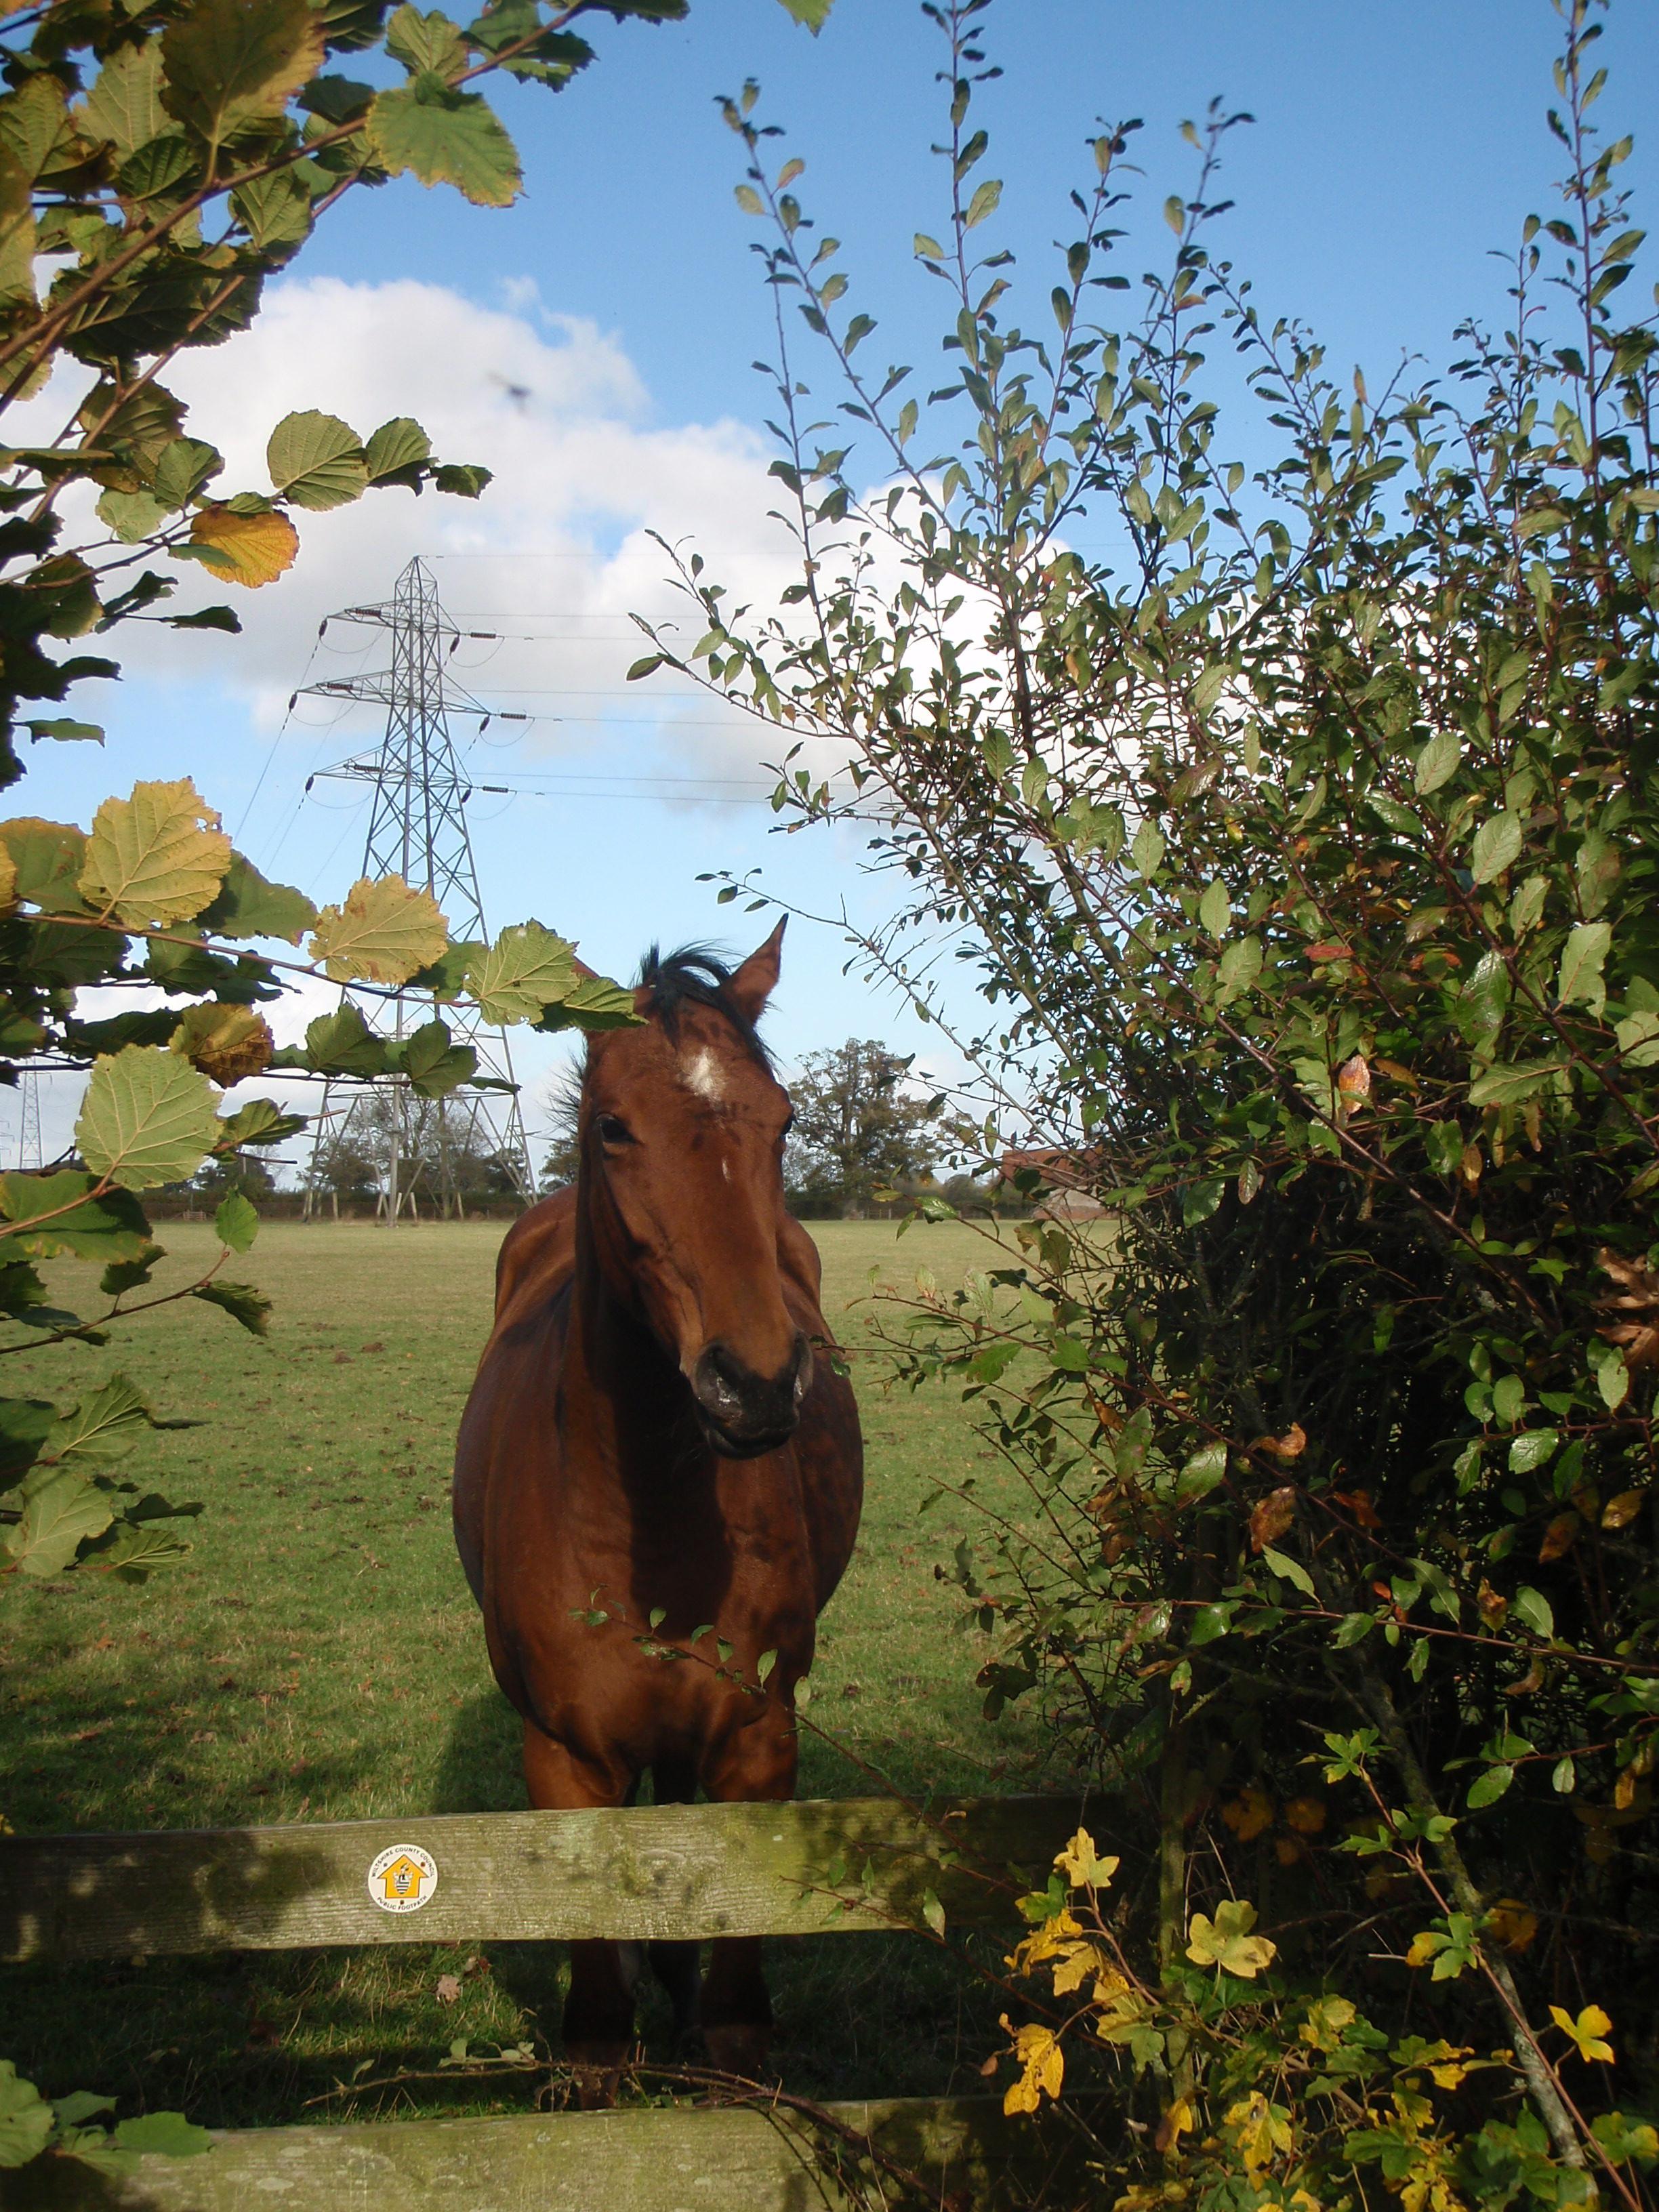 Philip levine the horse